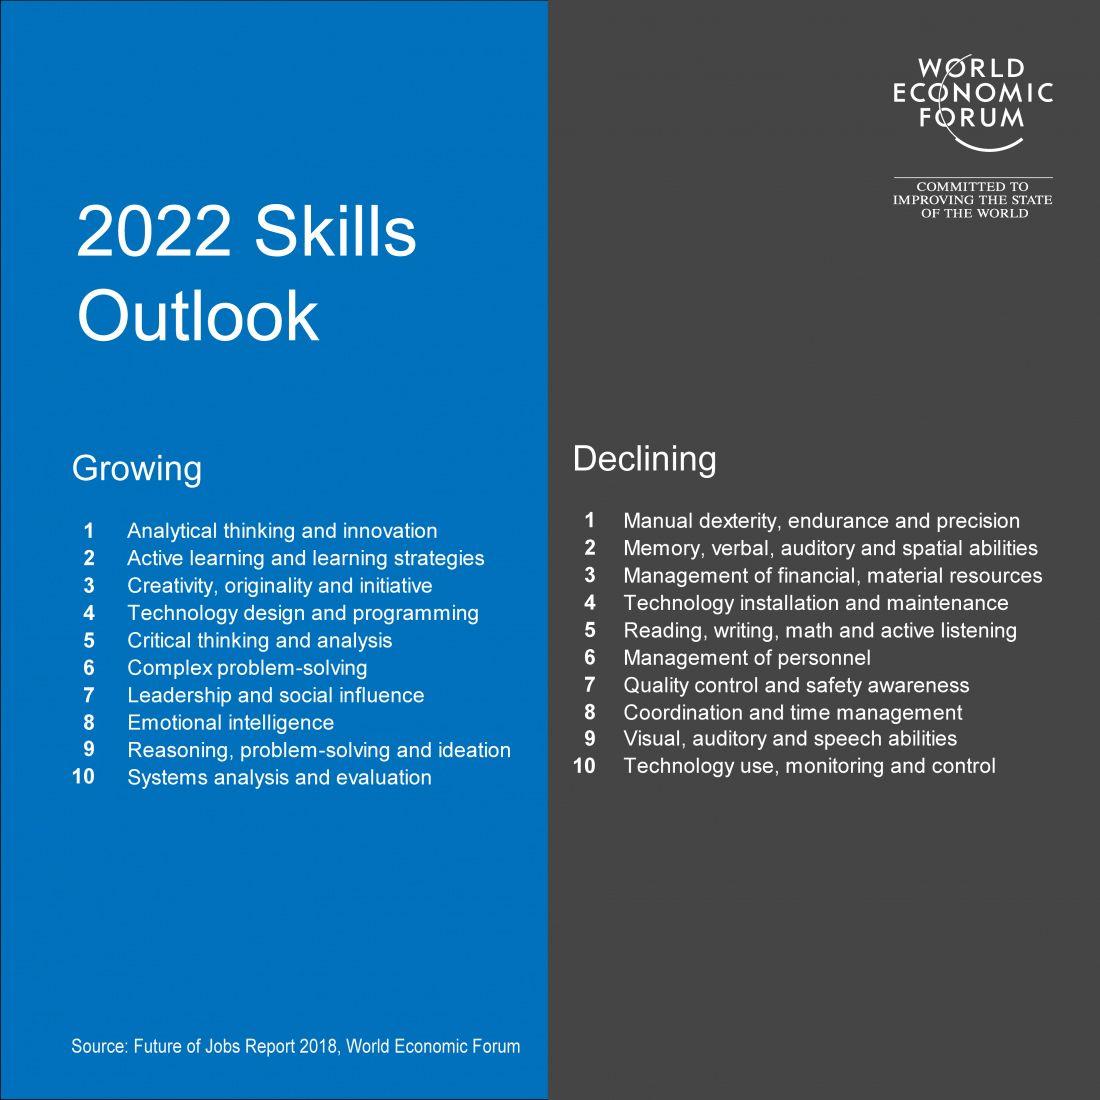 f7a87e0a42ff0939b8cd79c35fc205c0 - How To Get Invited To The World Economic Forum